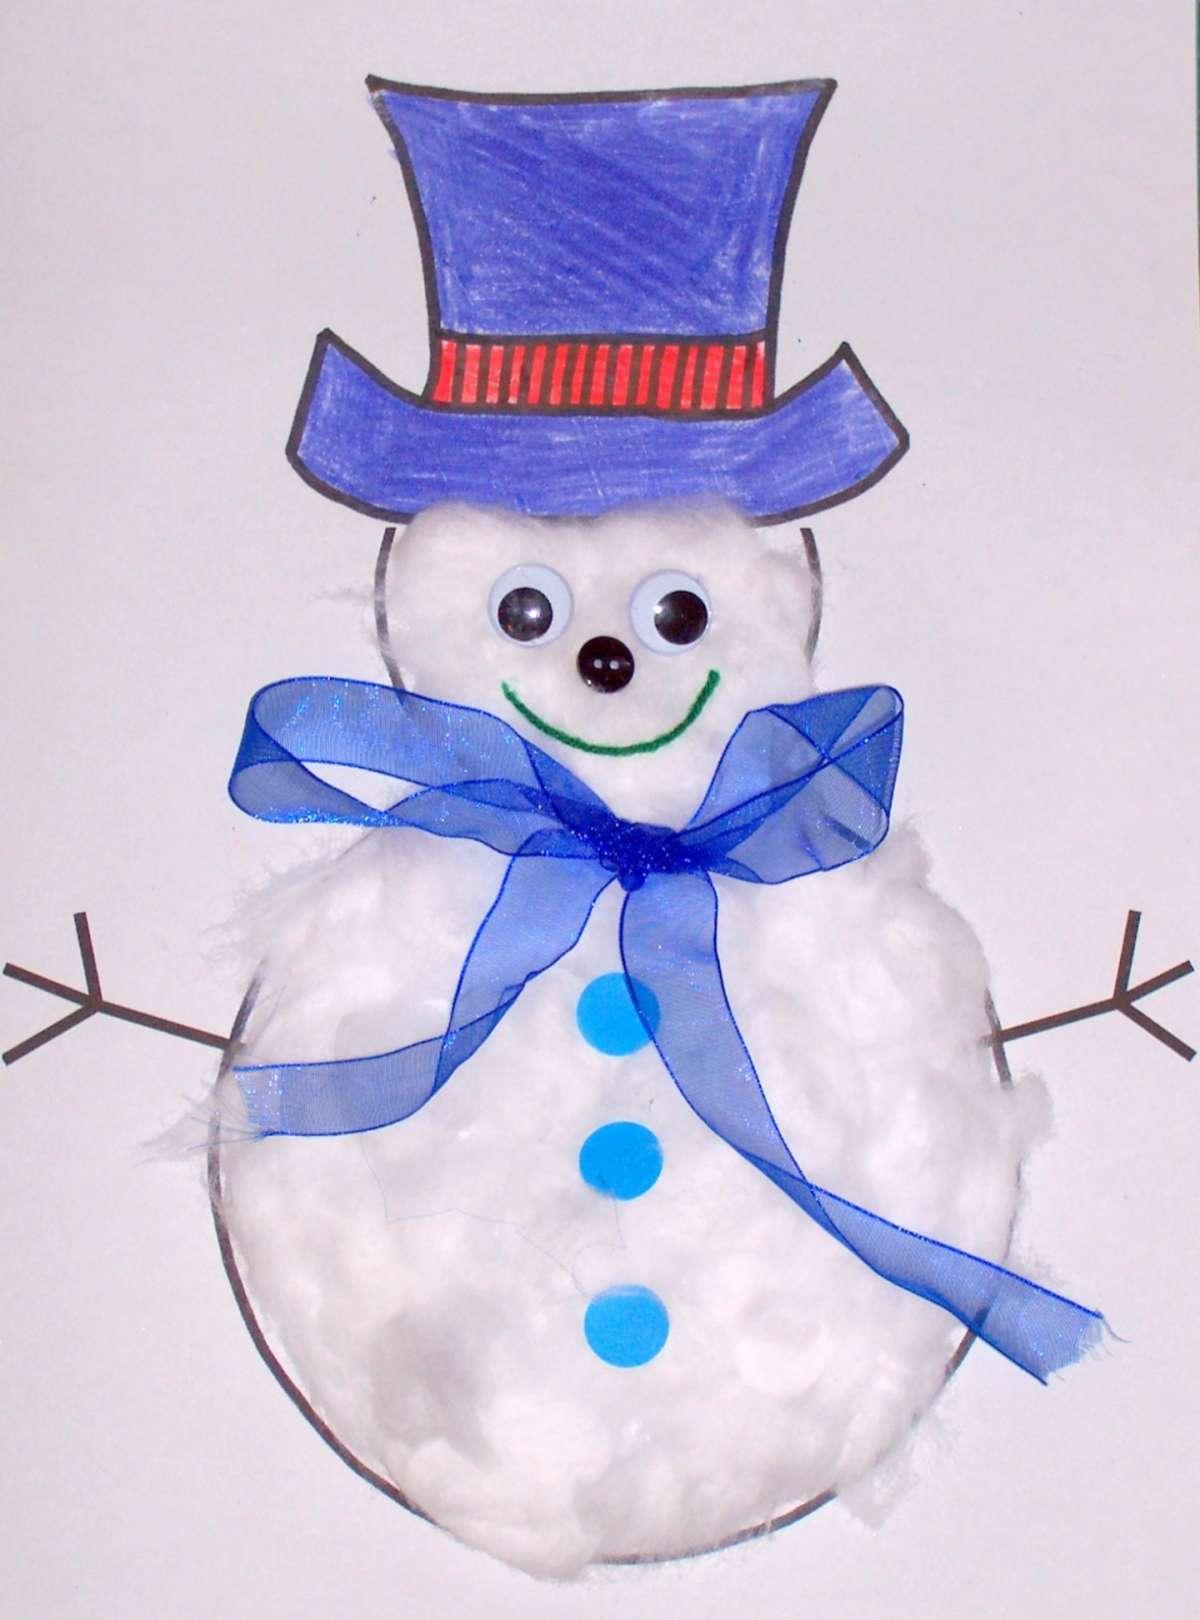 Idee Per Lavoretti Di Natale Scuola Dell Infanzia.Lavoretti Per Natale Per La Scuola Dell Infanzia Foto Video